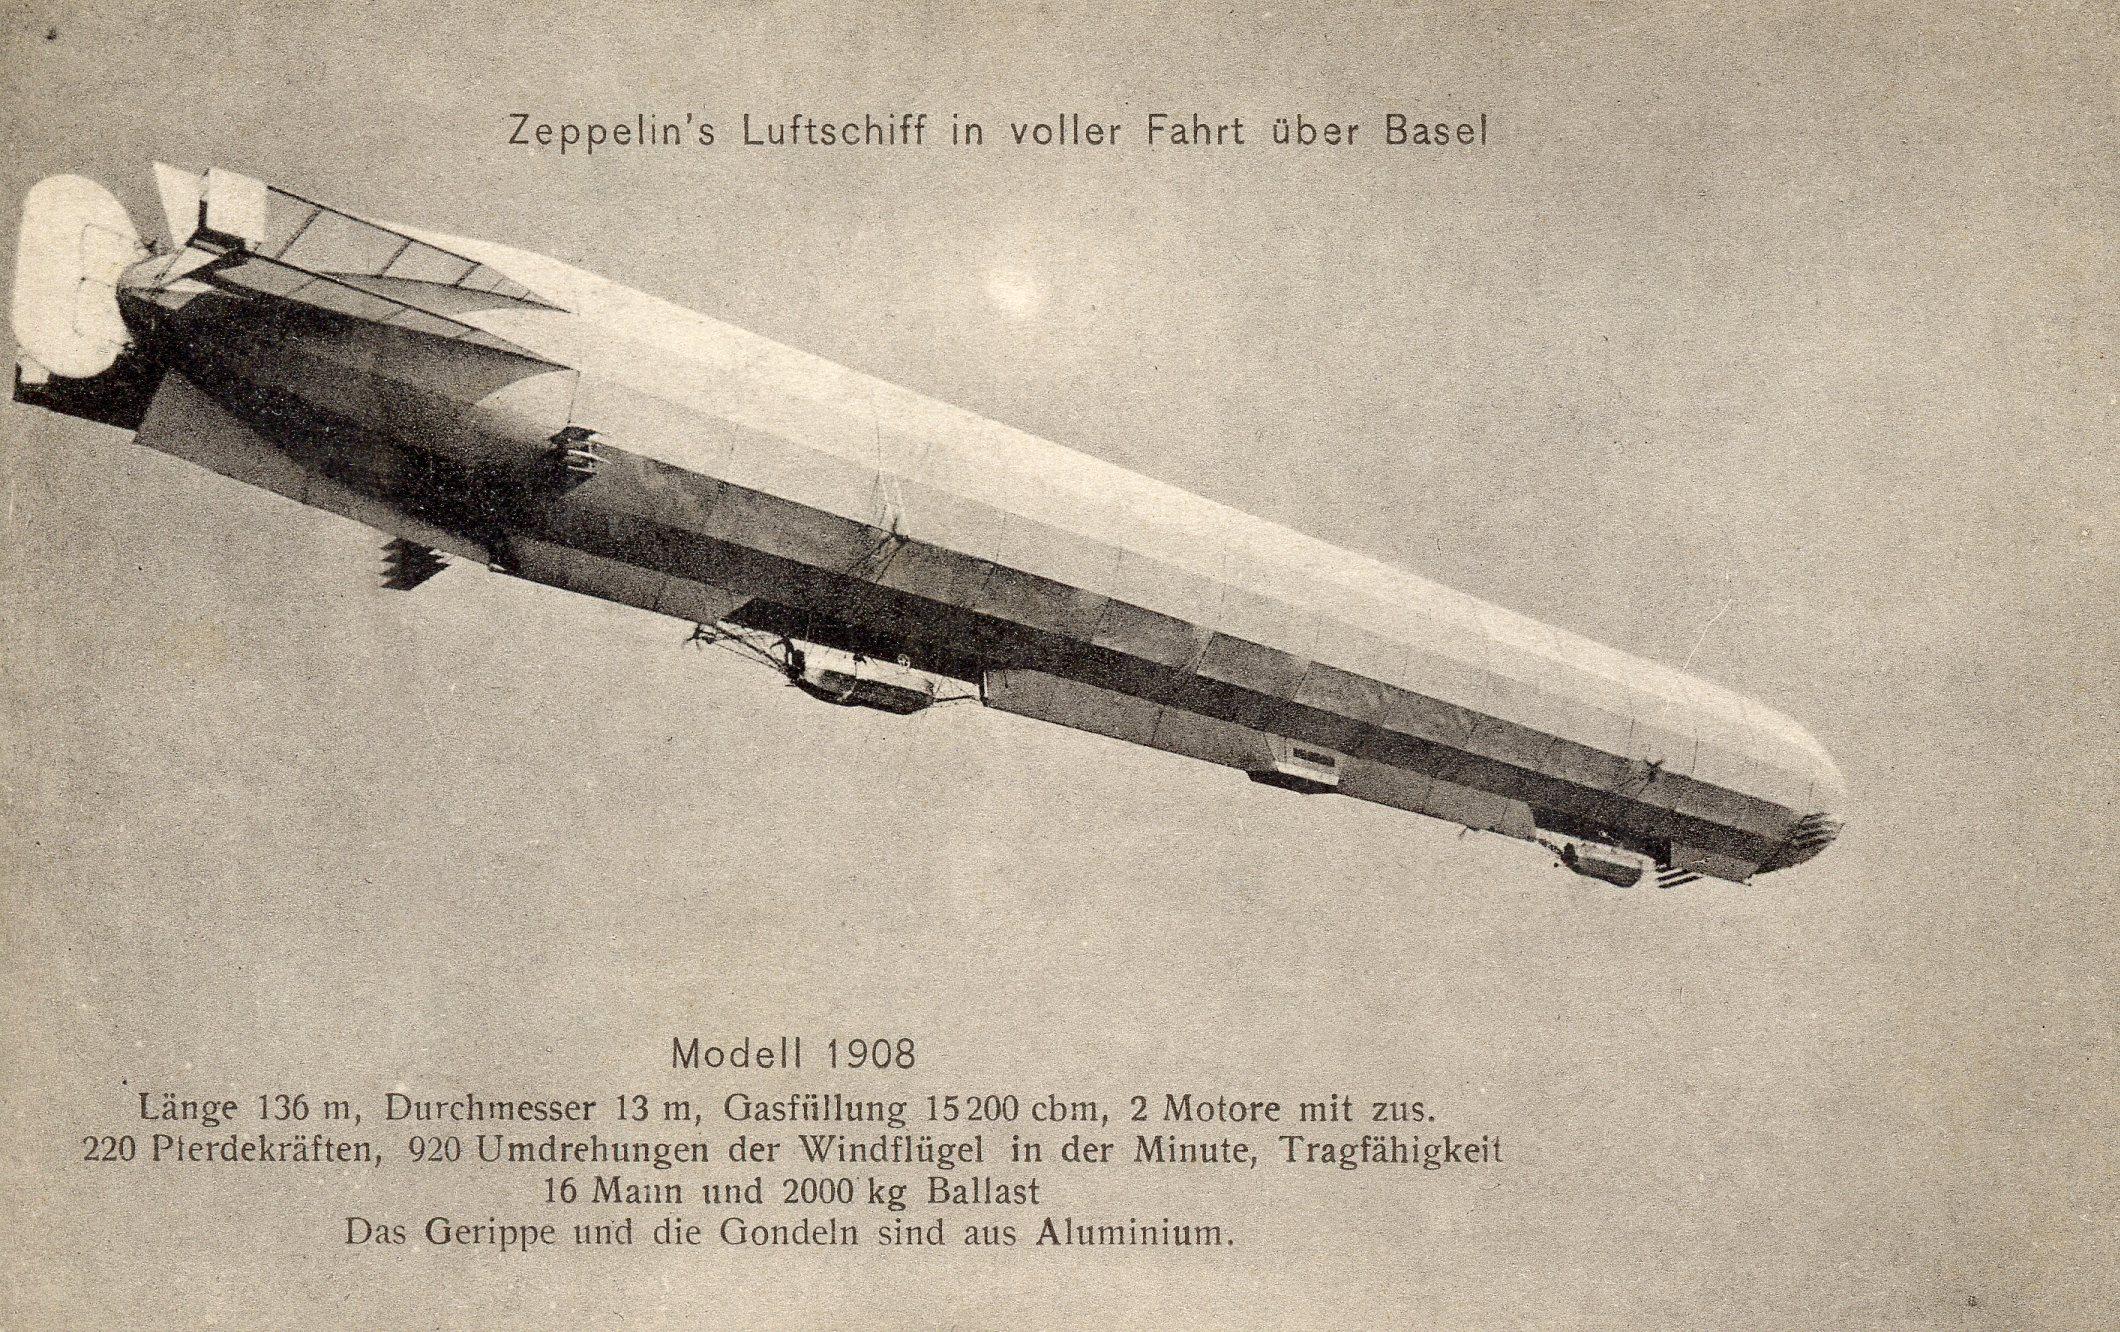 Das Luftschiff Zeppelin 1908